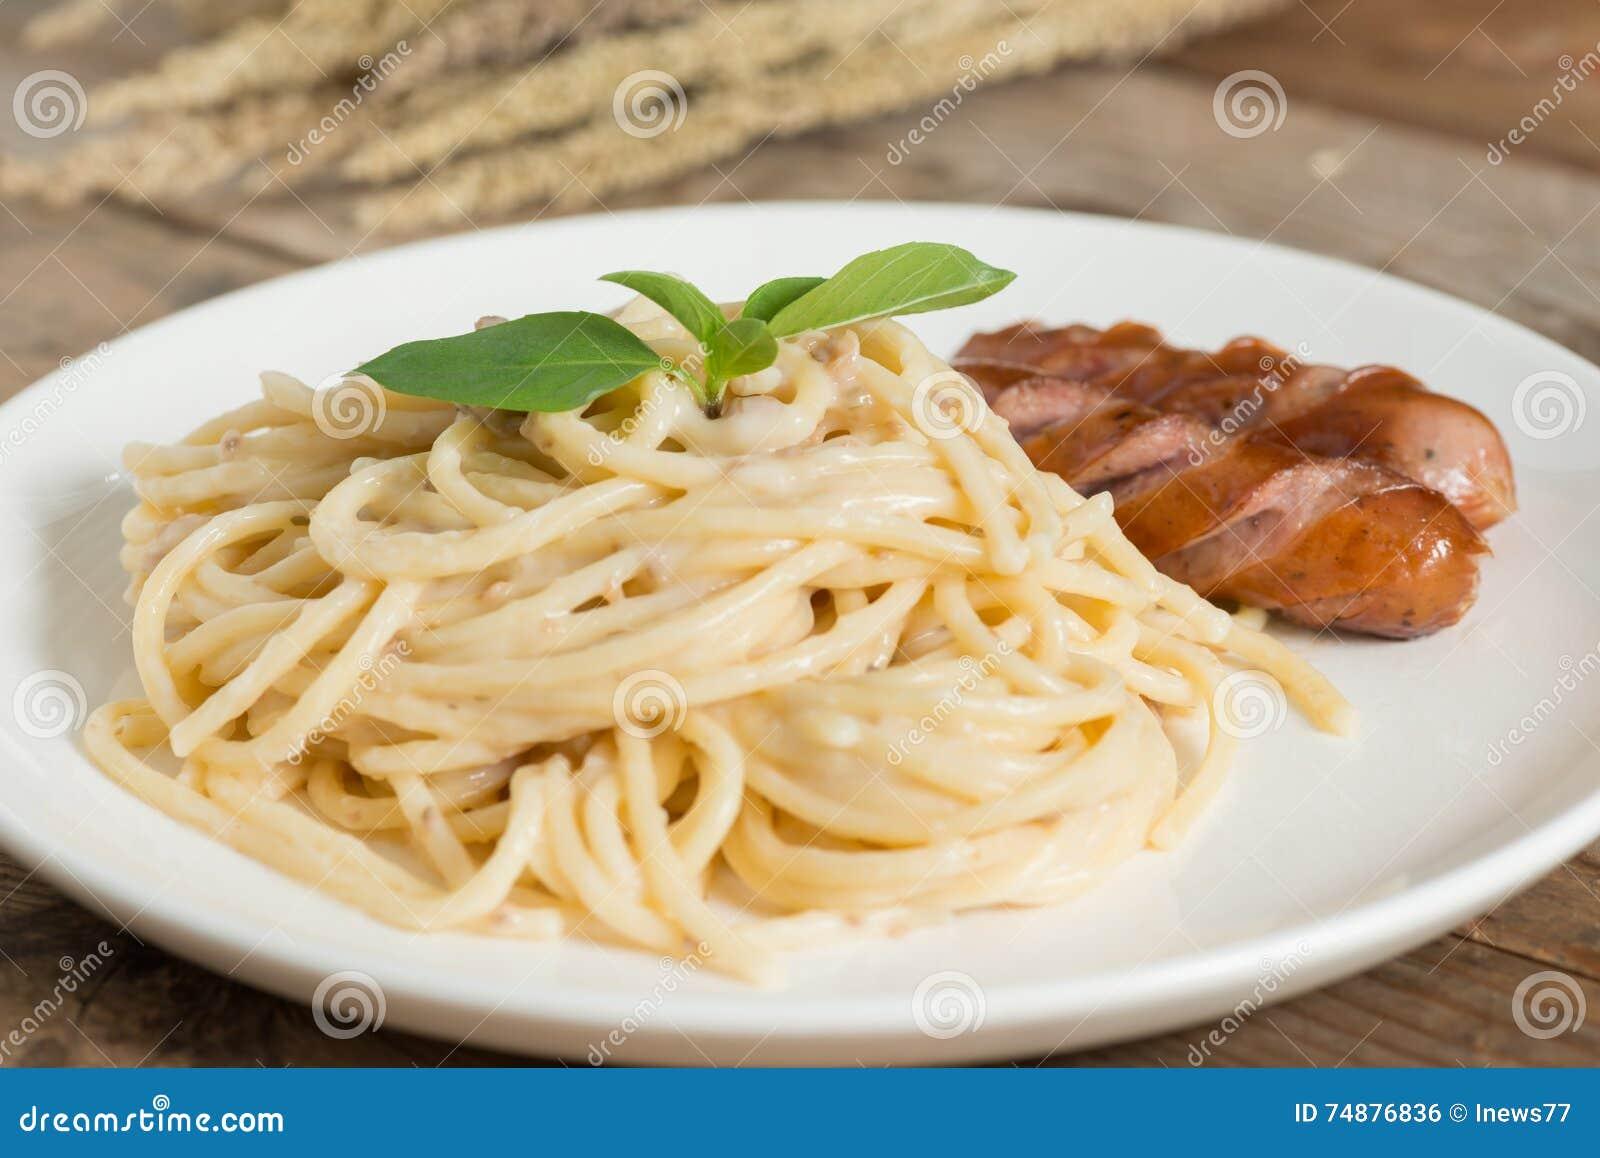 Cogumelo desbastado do molho de creme dos espaguetes com salsicha